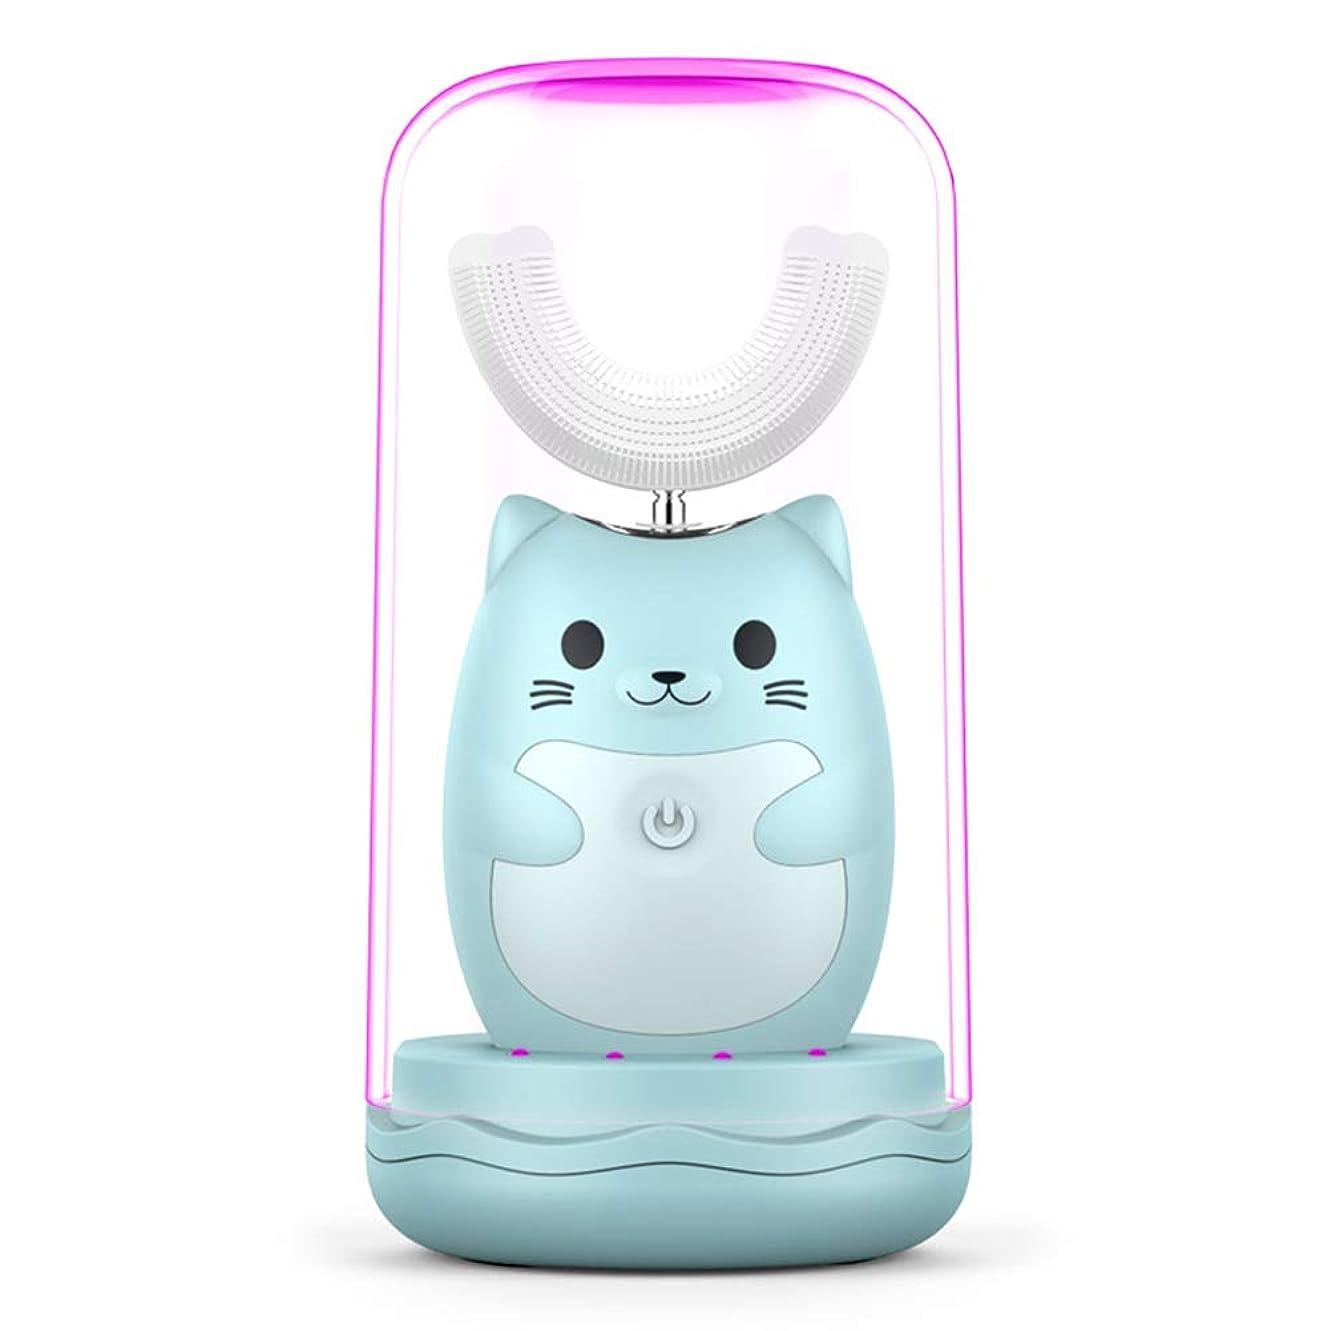 並外れた解明する容器超音波子供電動歯ブラシ3スピードクリーニングモード歯ホワイトニング消毒うがいカップ2-6歳児